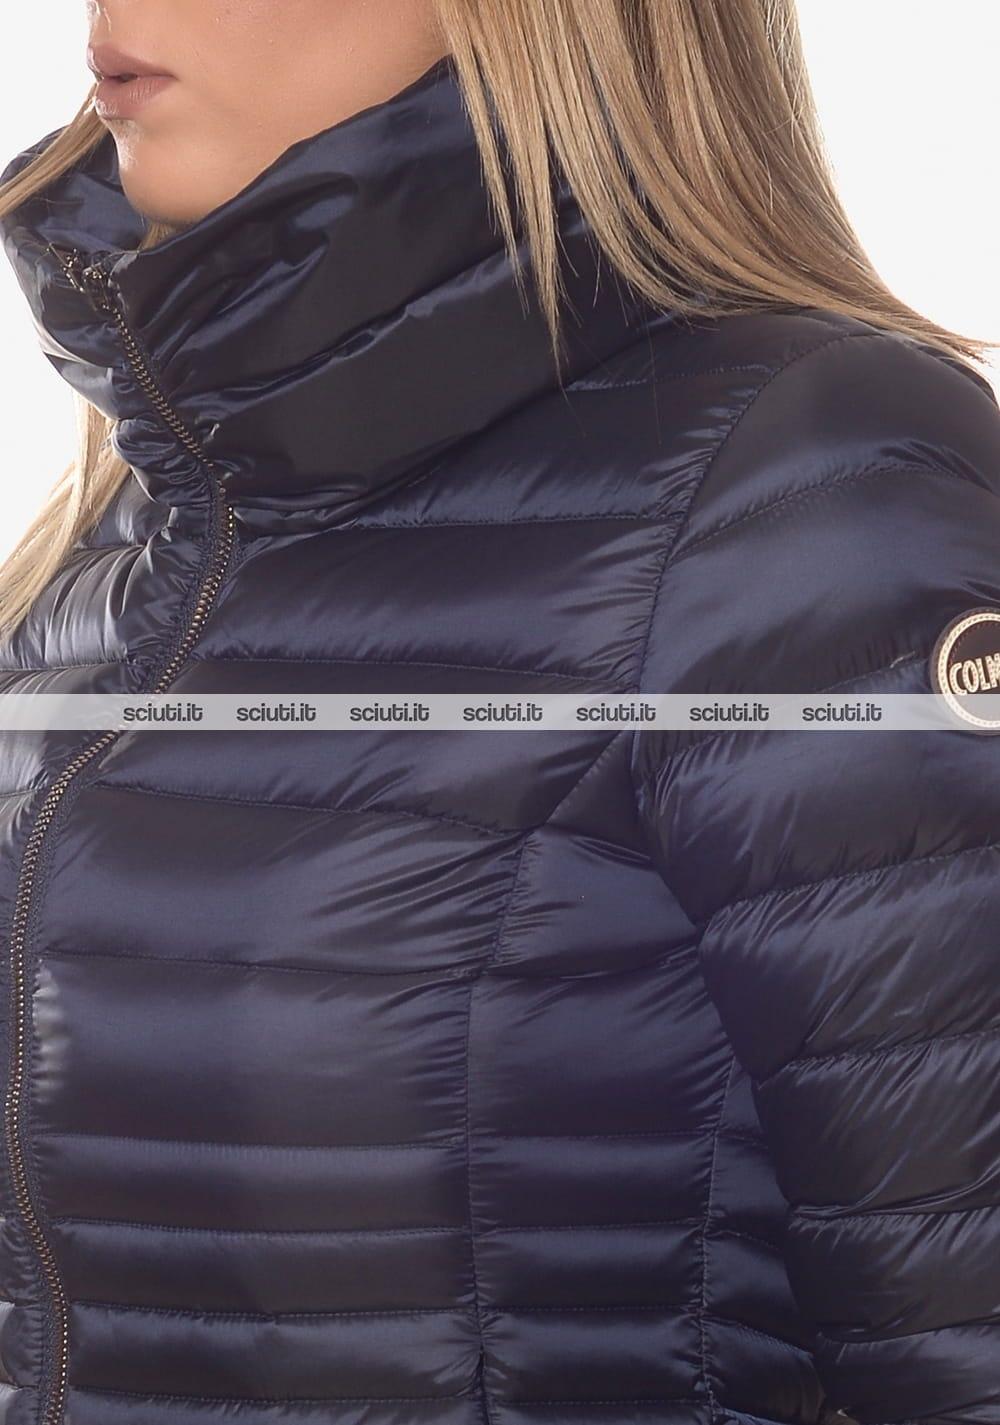 hot sale online e65d5 a99de Piumino Colmar donna pesante collo alto blu